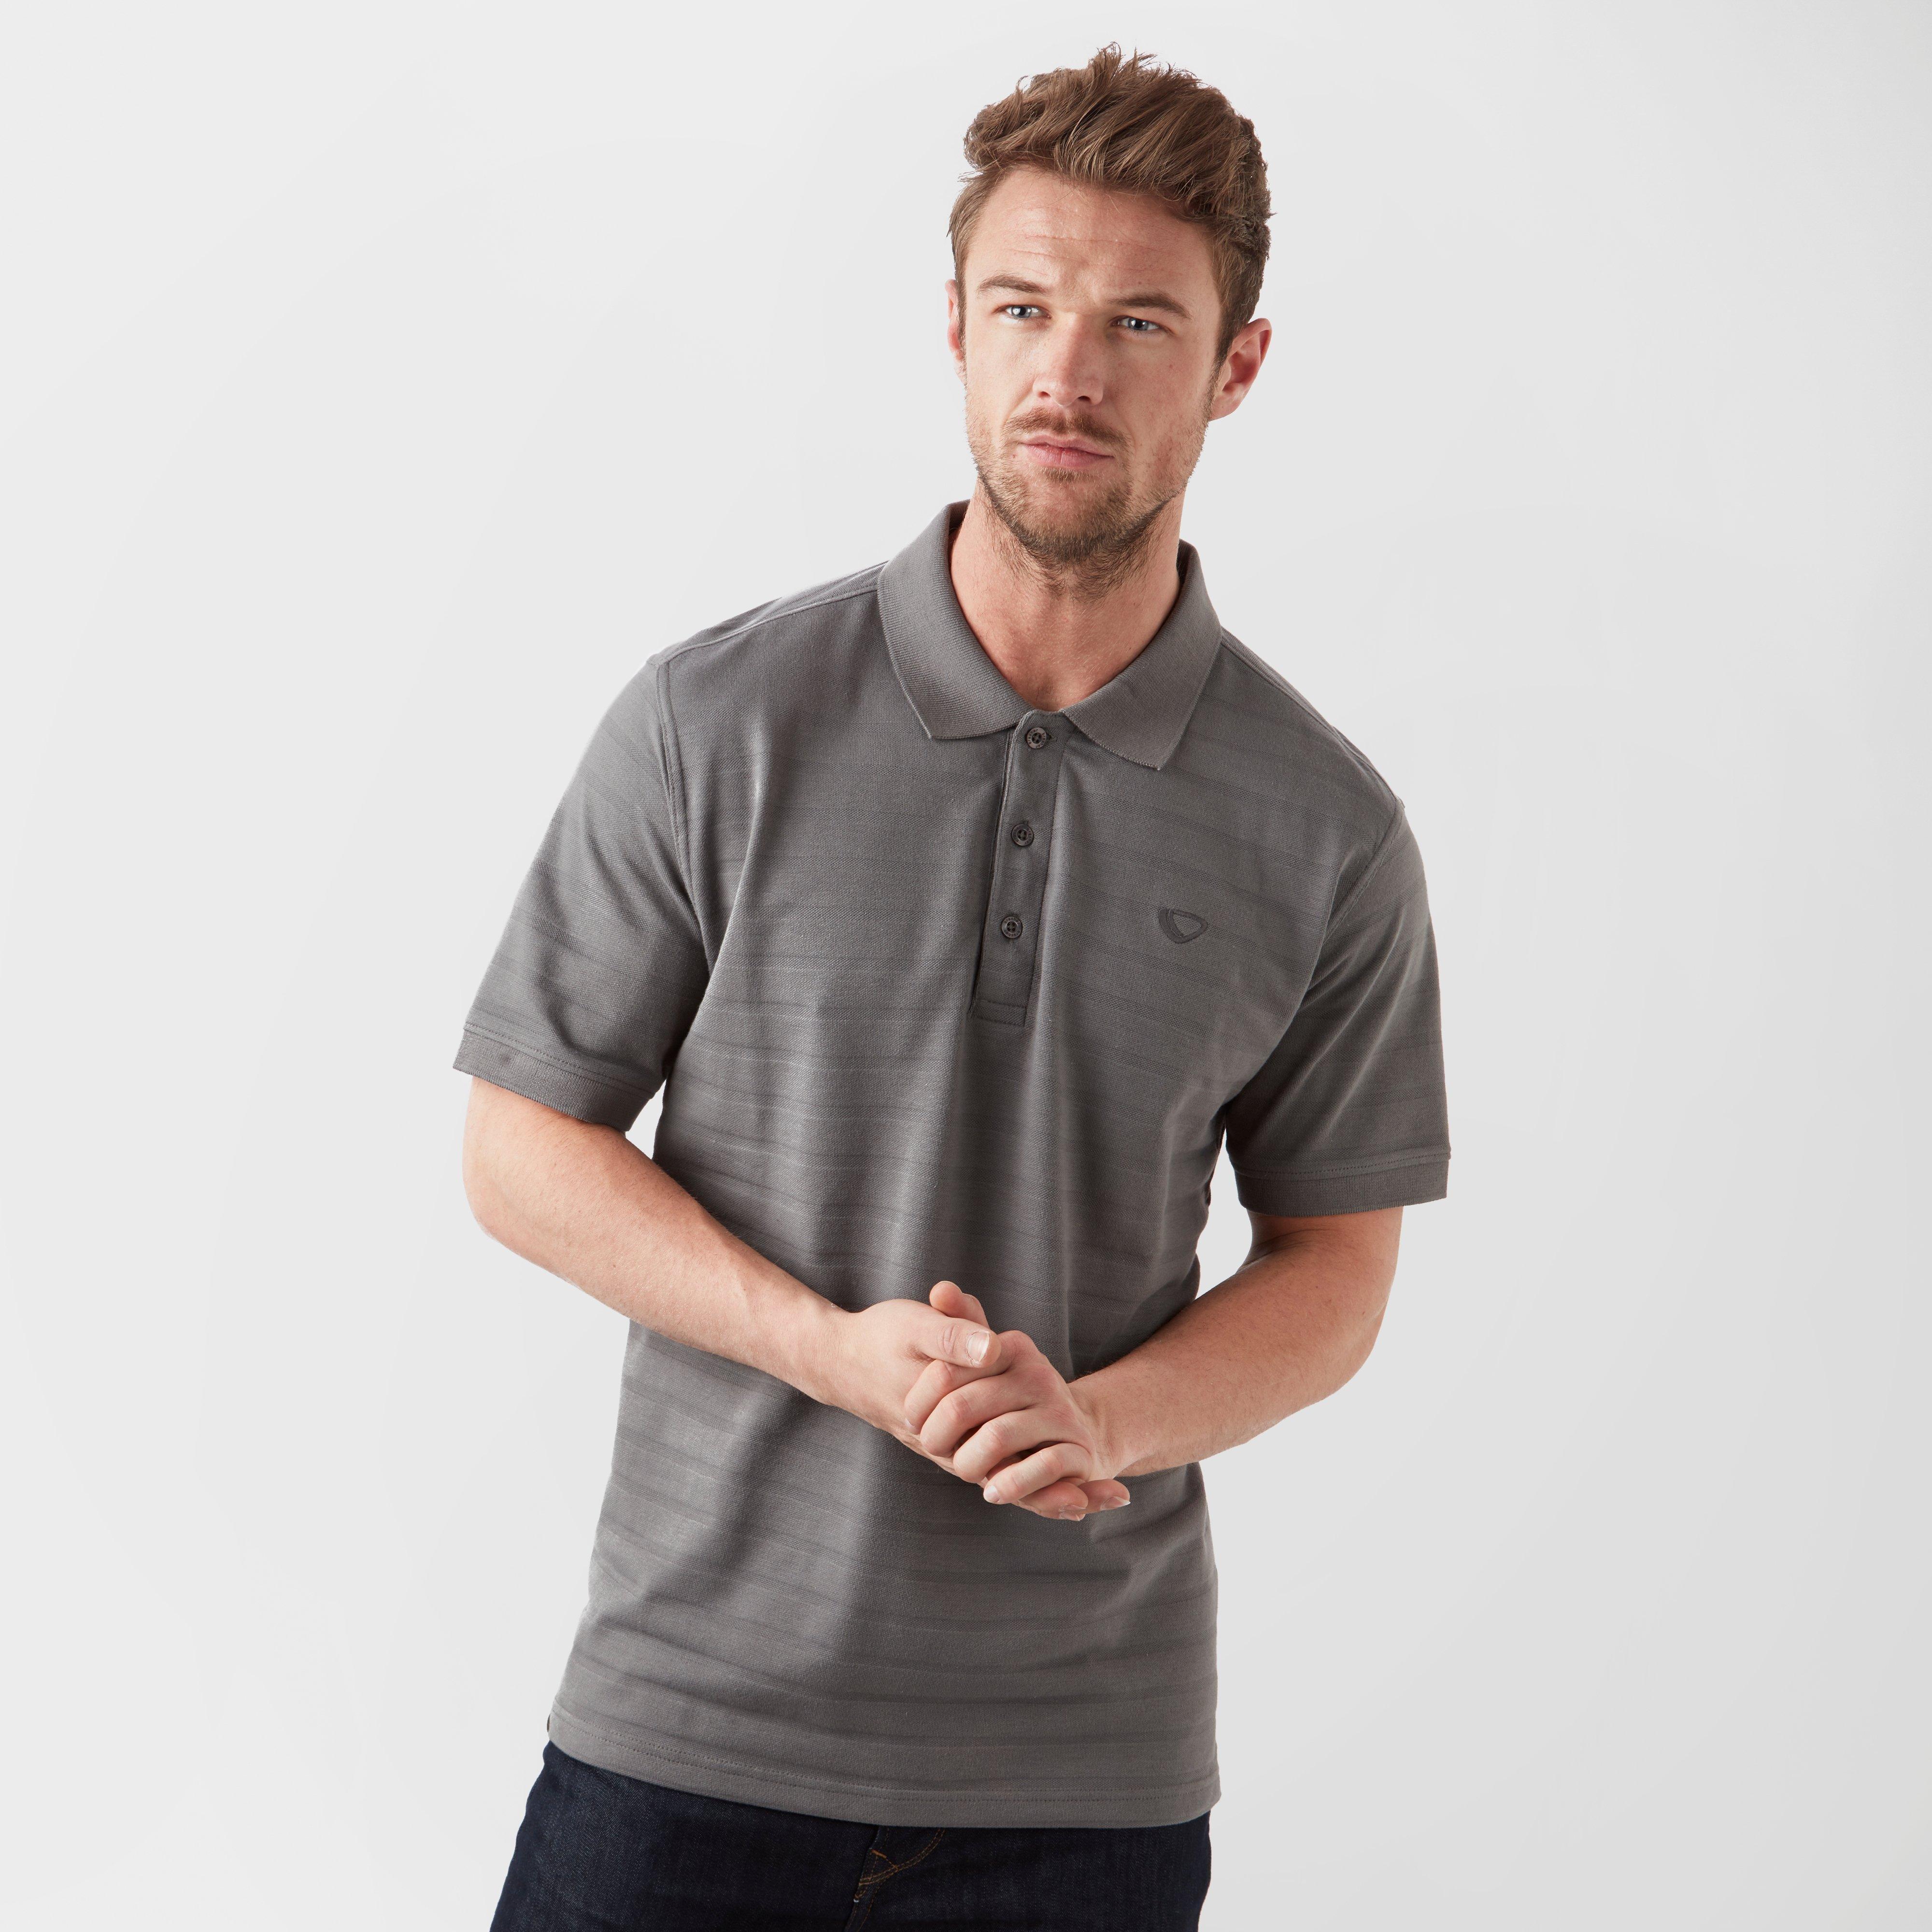 Brasher Brasher Mens Polo Shirt - Grey, Grey